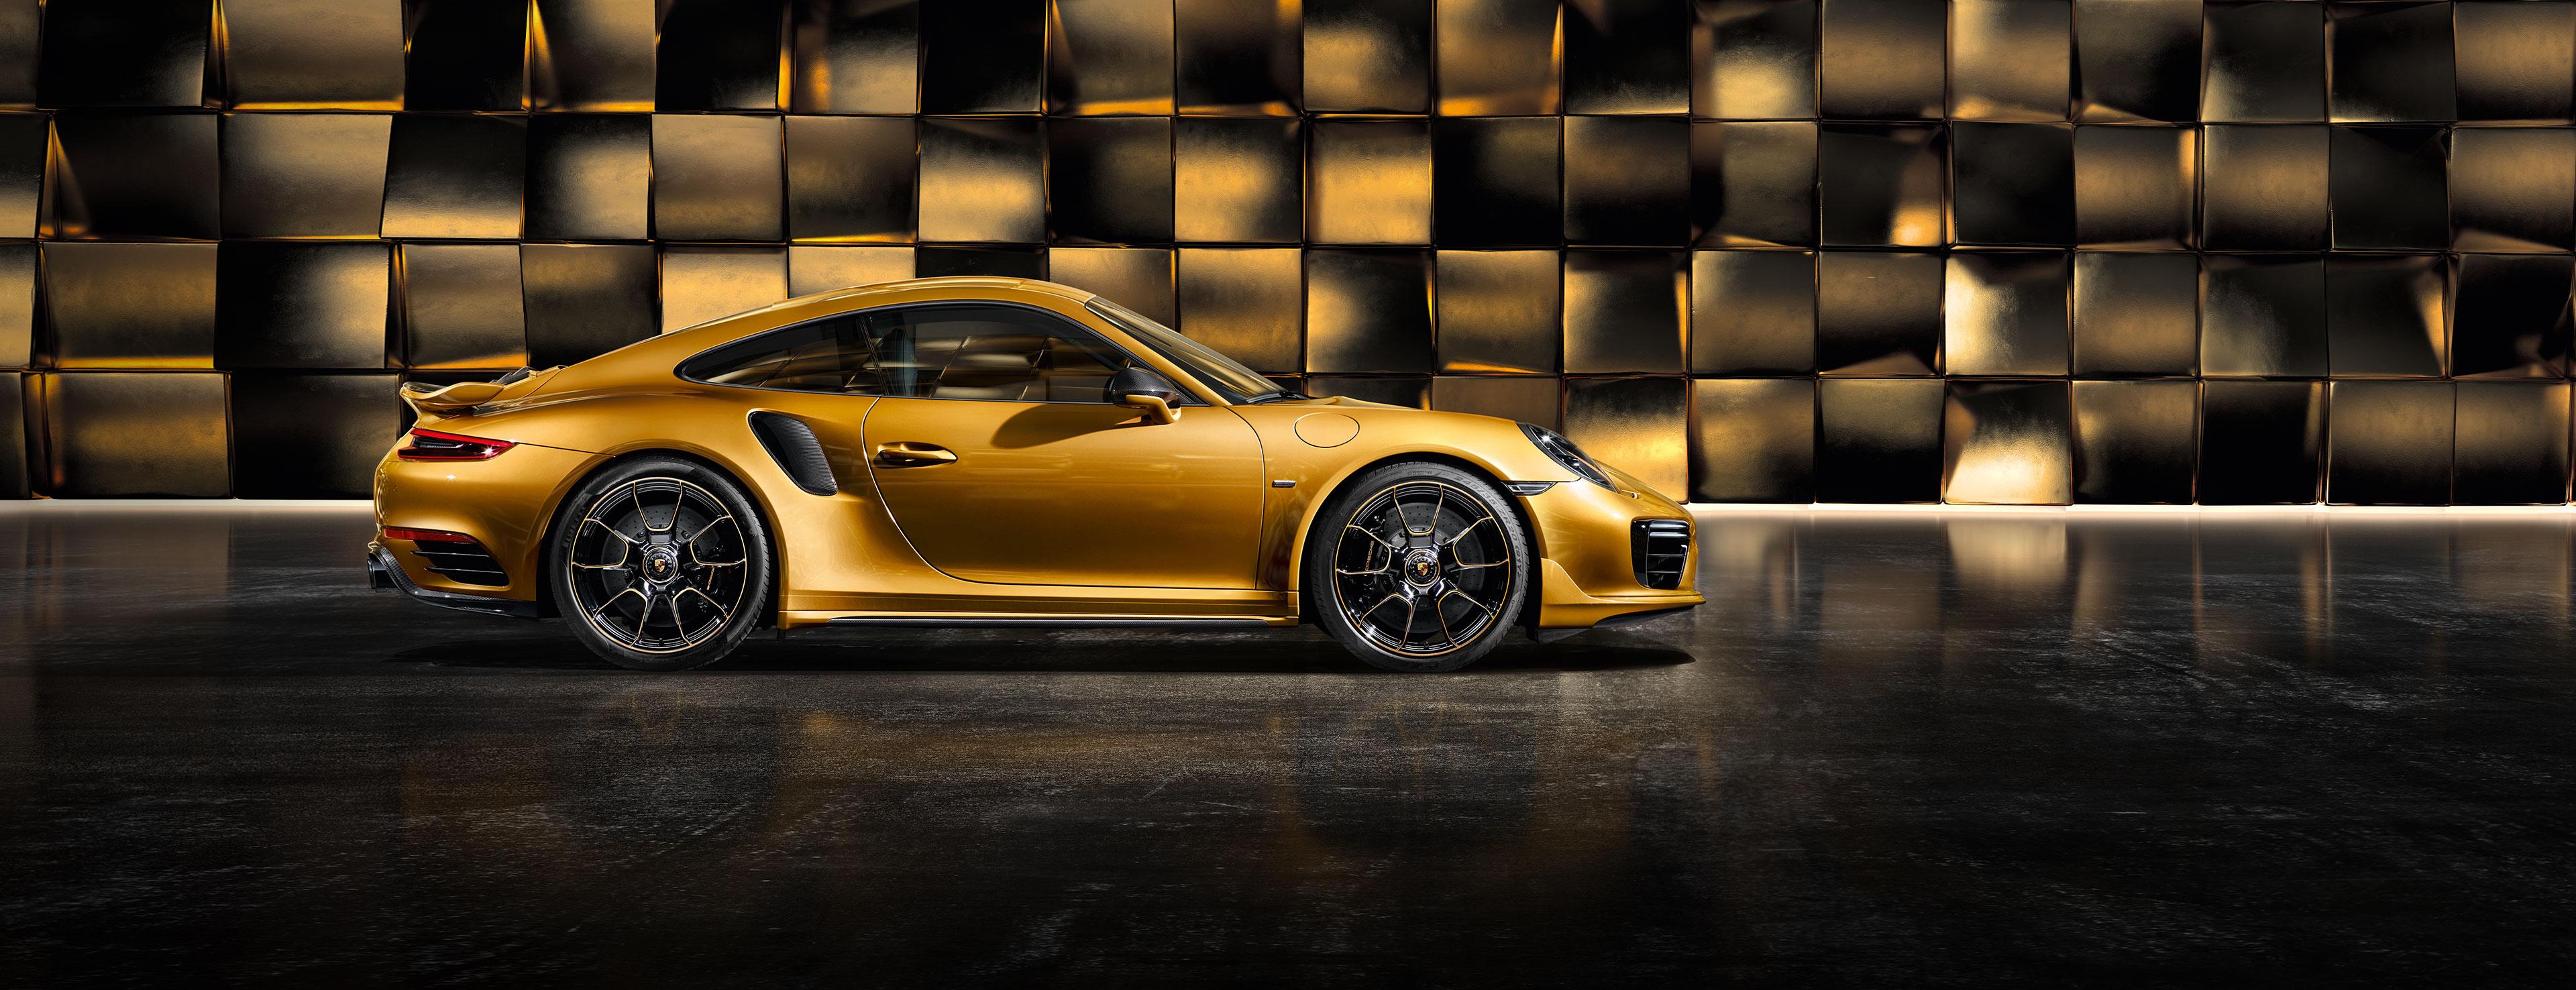 porsche-normal Stunning Ficha Tecnica Porsche 918 Spyder Concept Cars Trend